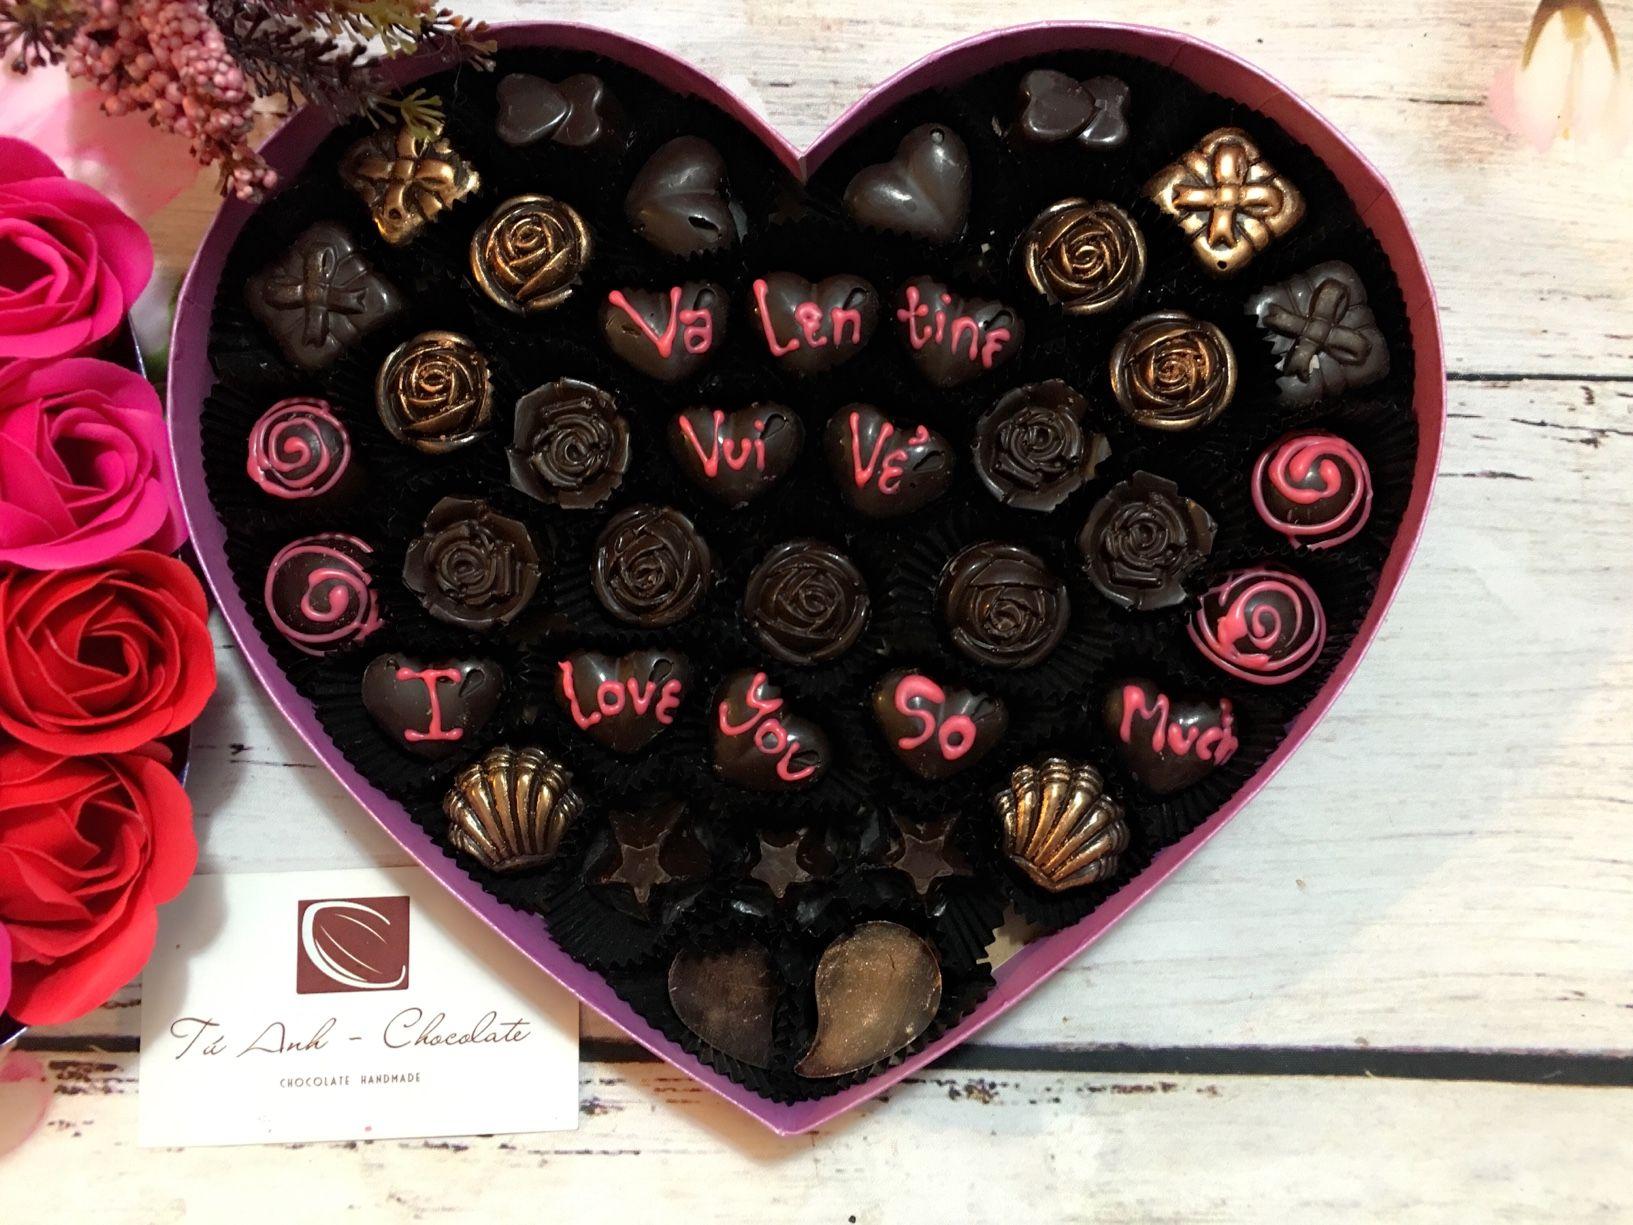 Hình ảnh hộp socola valentine vui vẻ